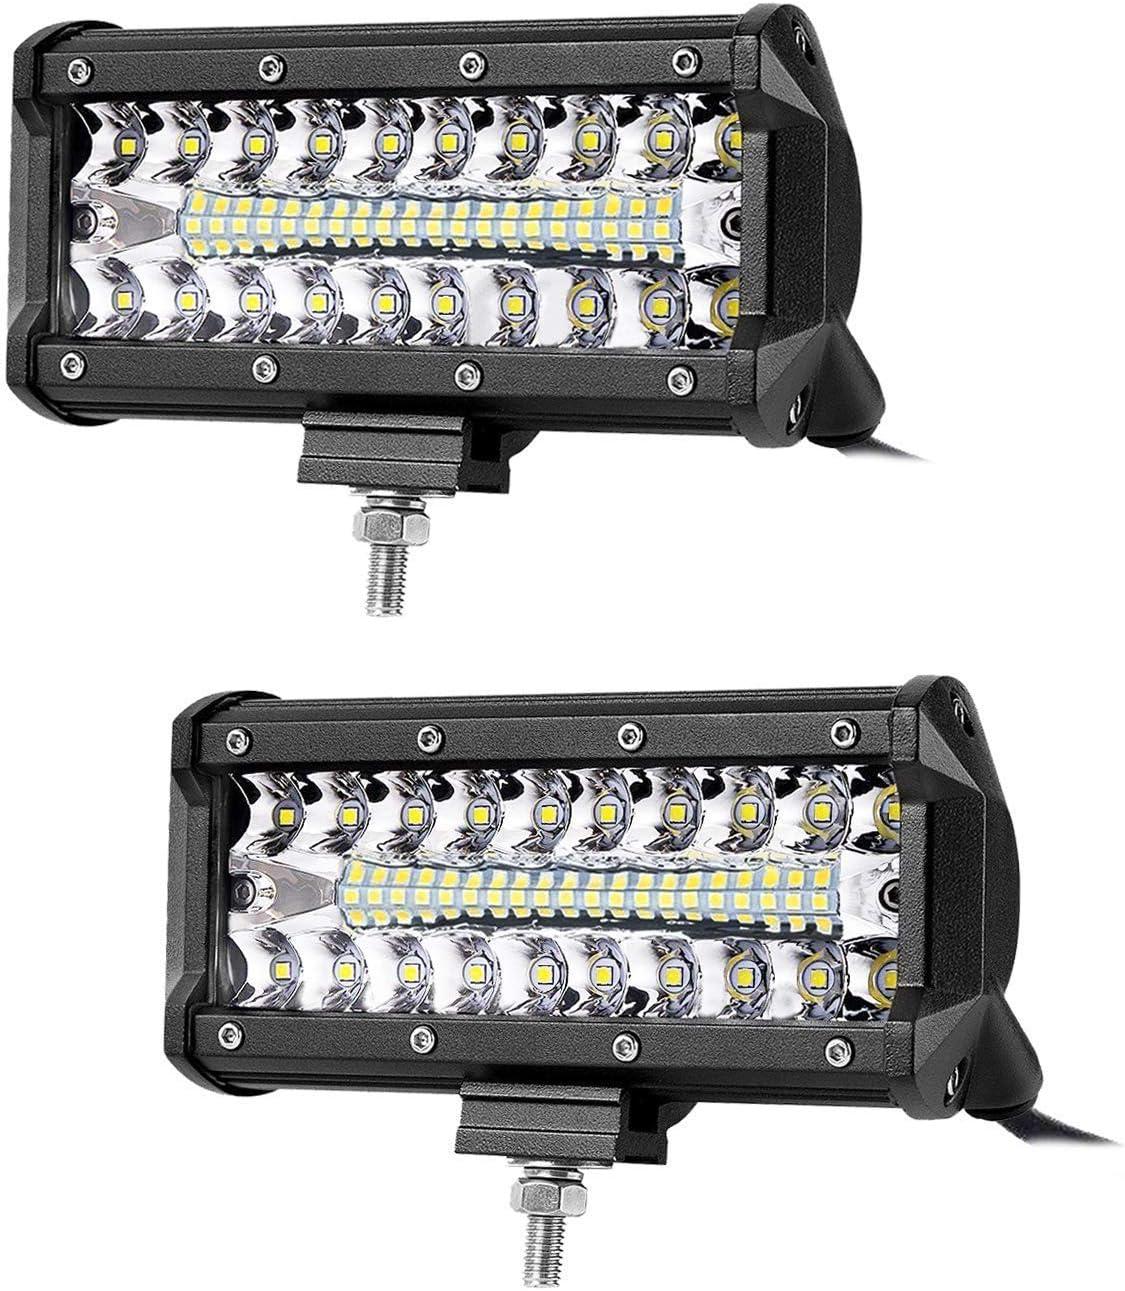 LED Barre,JieHe 72W Phares Longue Port/ée Led Projecteur pour Led Work Light LED Phare Lampe Pour Chantier V/éhicules SUV ATV et Camion Tout-terrain